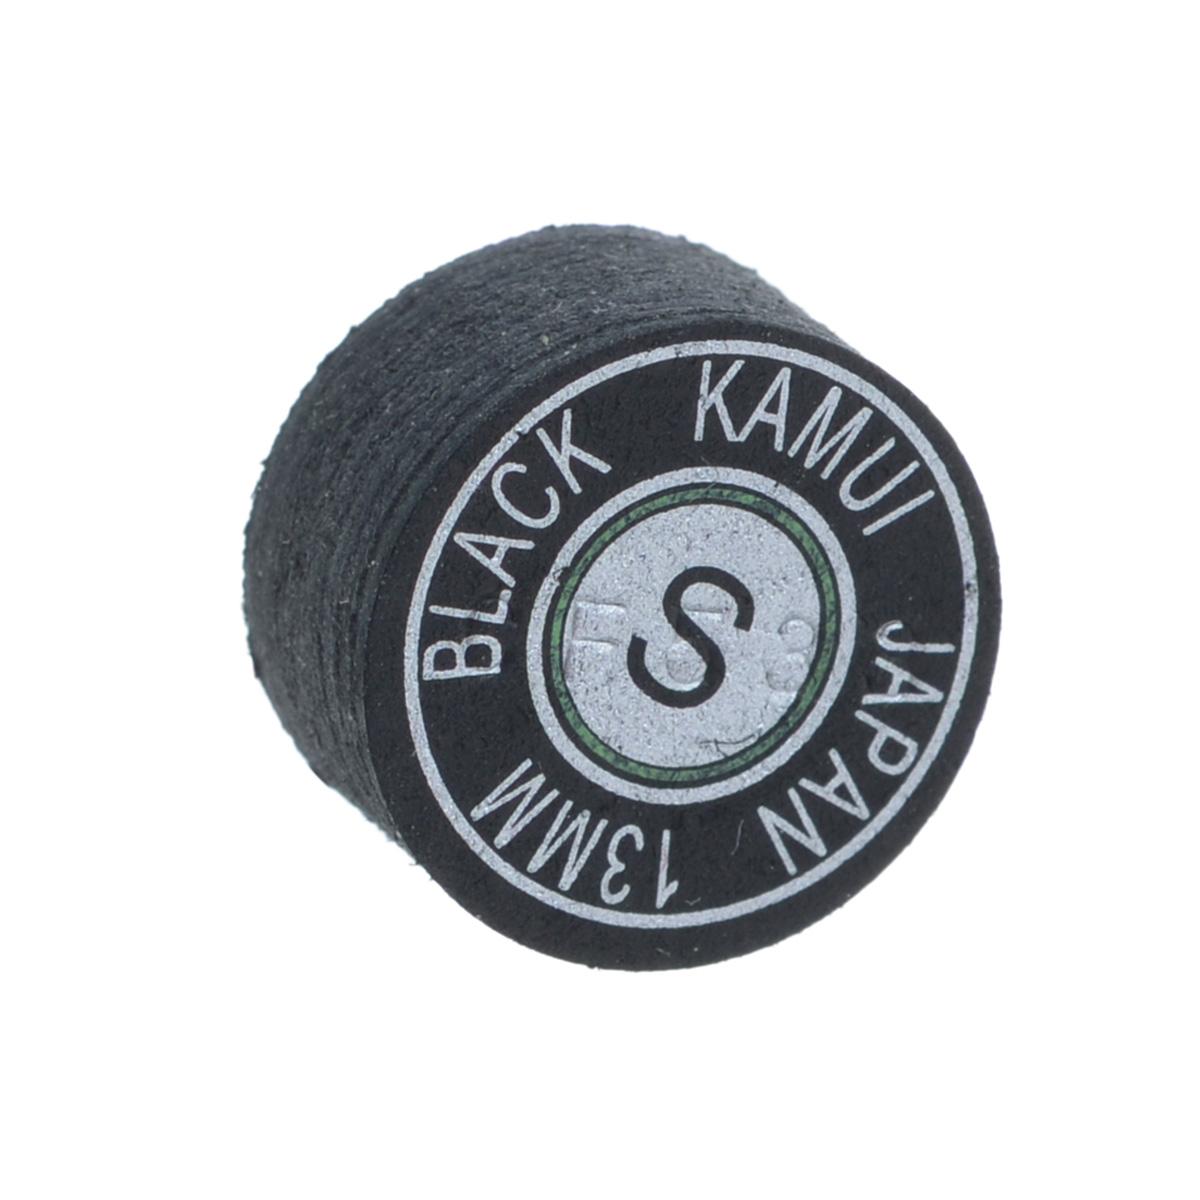 Наклейка для кия Kamui Black, мягкая, 13 мм332515-2800Почему игроки выбирают наклейки KAMUI:Повышенная устойчивость к влажности. Кожа для наклеек KAMUI проходит этап растительного дубления. Это позволяет сделать кожу более эластичной и прочной по сравнению, например, с кожей, которая прошла этап хромового дубления. Тем не менее, после растительного дубления кожа имеет тенденцию поглощать влагу, которая уменьшает как прочность, так и эластичность кожи. Именно поэтому KAMUI проводит дополнительный, специальный, этап дубления кожи, после которого кожа сохраняет прочность и эластичность. Как результат - наклейки KAMUI не изменяют своих игровых свойств даже в средах с повышенной влажностью.Уменьшение эффекта грибной шляпки. Появление у наклейки формы грибной шляпки связано с отсутствием достаточной прочности у наклейки при ударе по шарам. Эта шляпка не позволит игроку сделать точный, аккуратный удар. Во время дубления кожи для наклеек KAMUI процесс останавливается именно в тот момент, когда кожа имеет наибольшую прочность и устойчивость к образованию грибной шляпки.Стабильность. При выборе наклейки для кия очень важна ее стабильность на всем протяжении ее использования. Трудно играть, когда игровые характеристики новой наклейки отличаются от предыдущей, к которой вы уже привыкли. KAMUI направляет большие усилия на улучшение традиционного метода контроля качества. Имея большую базу данных по тестам и разработкам, KAMUI удалось создать лучший контроль качества среди всех производителей бильярдных наклеек. Это позволяет производить наклейки KAMUI, которые абсолютно не отличаются друг от друга - т.е. установив очередную наклейку KAMUI вместо отработавшей, вы не заметите разницы.Контроль качества кожи для наклеек KAMUI. Качество и надежность является важным моментом при производстве высококлассных бильярдных наклеек. KAMUI ввел новый специальный метод проверки кожи на ее структуру и реакцию на растительное дубление. KAMUI работает над привлечением новых и традиционных техноло